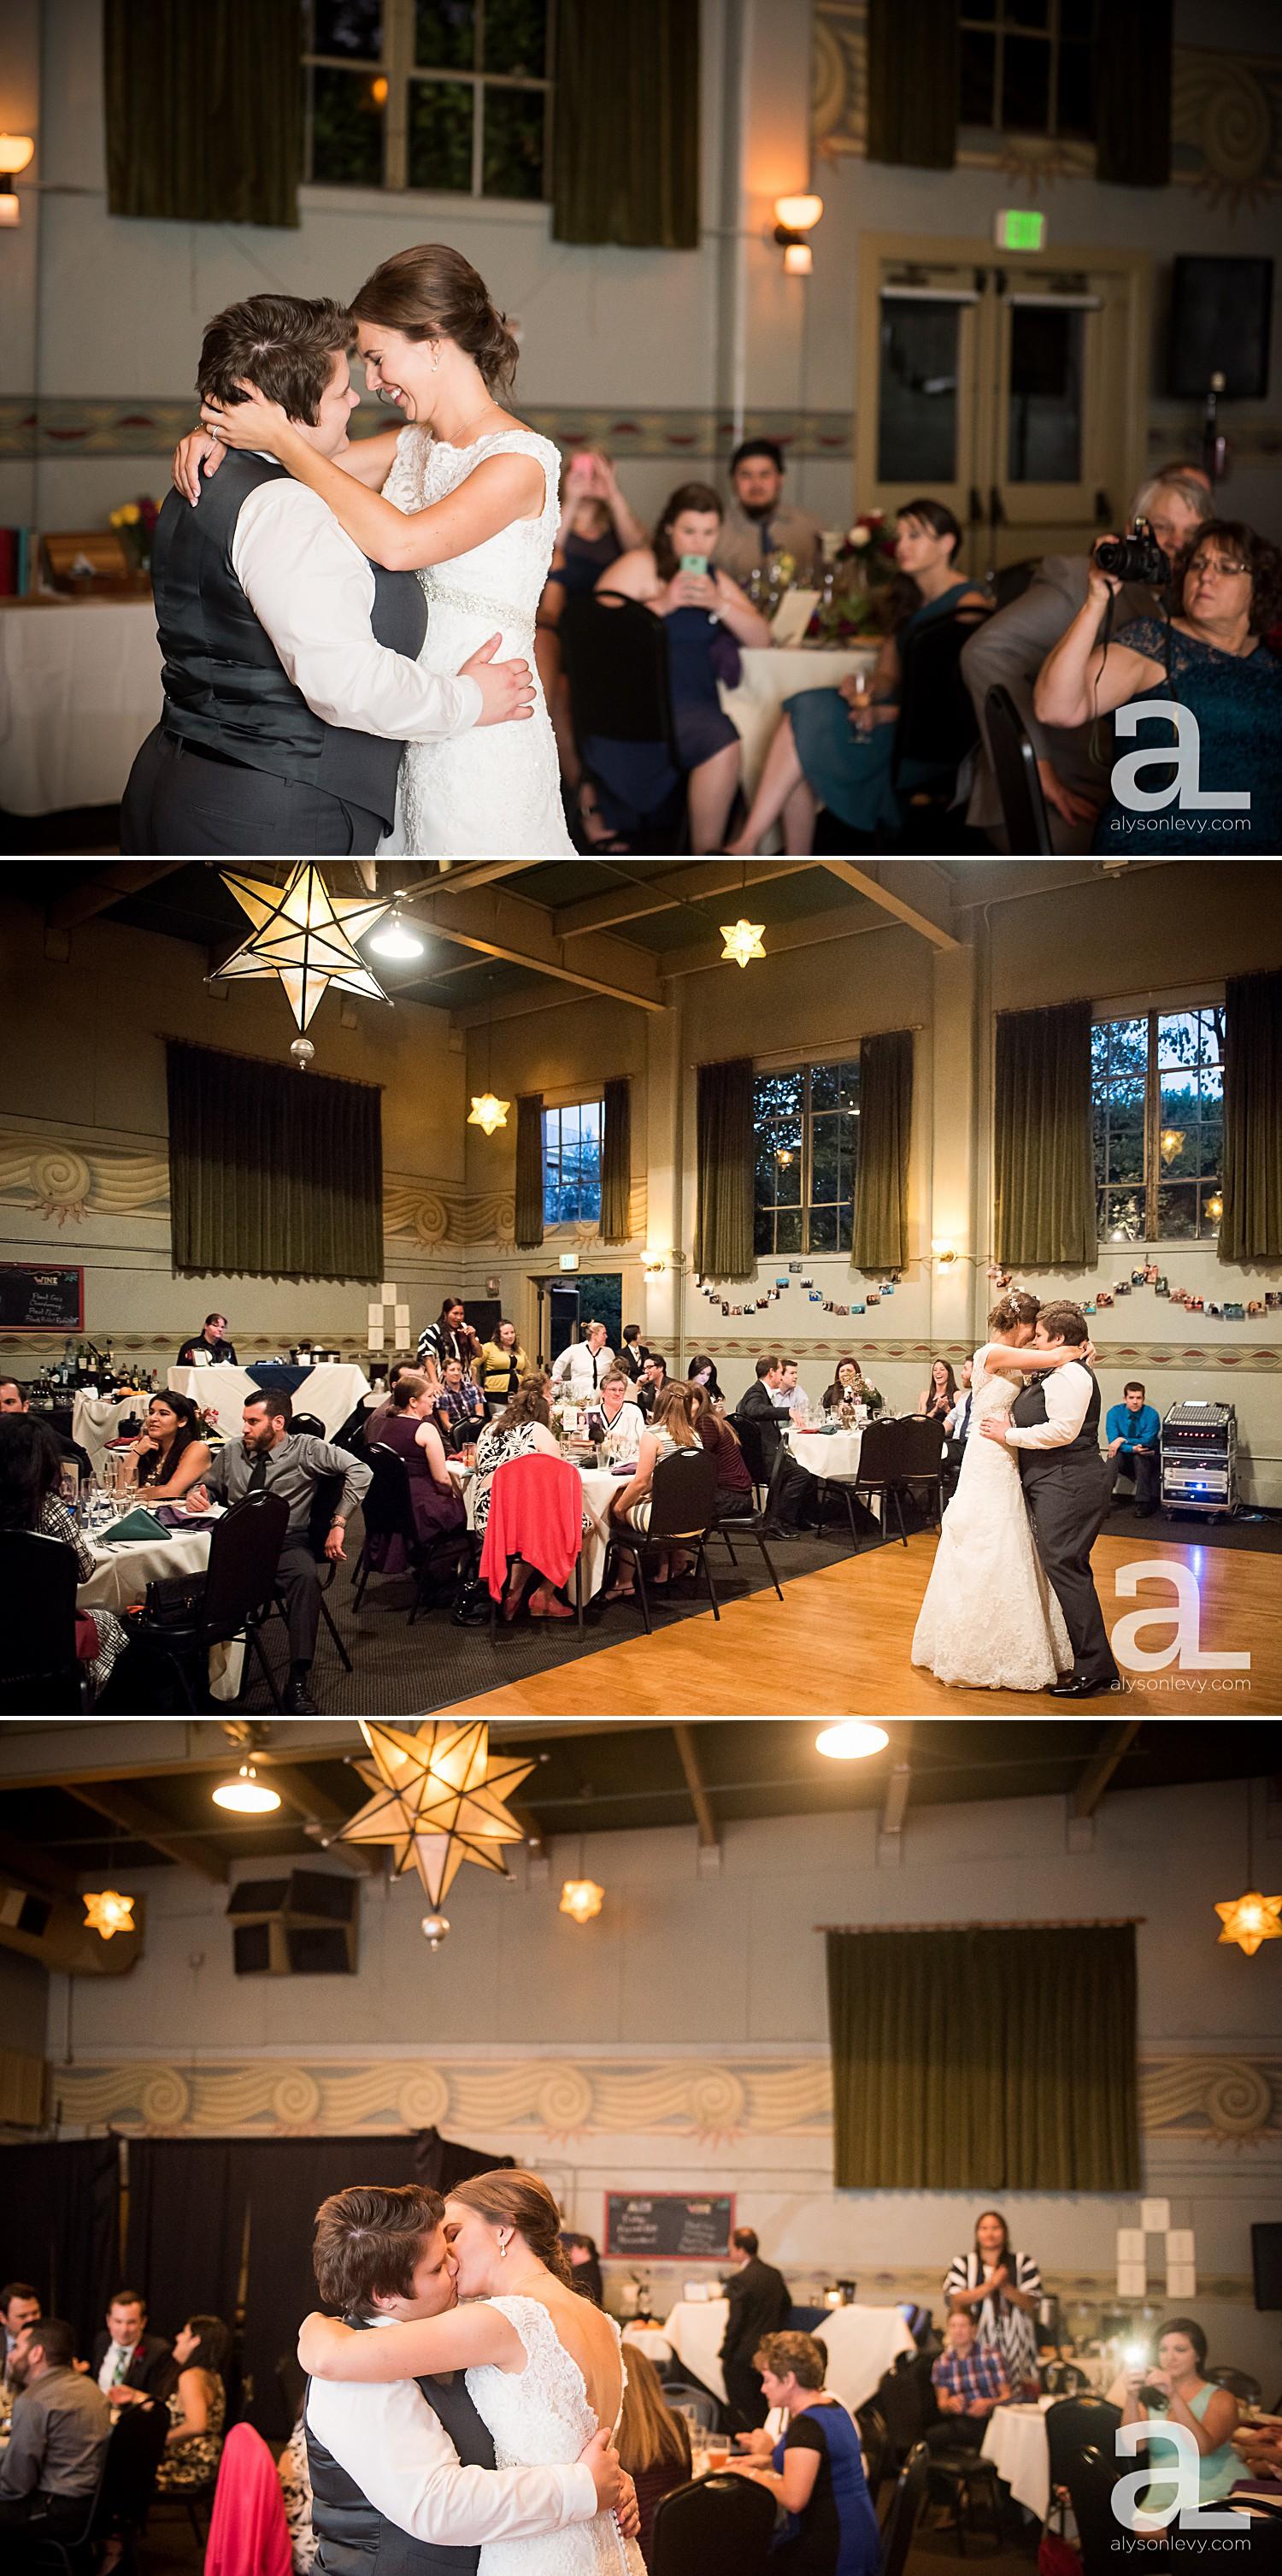 Portland-Kennedy-School-Gay-Wedding-Photography_0021.jpg